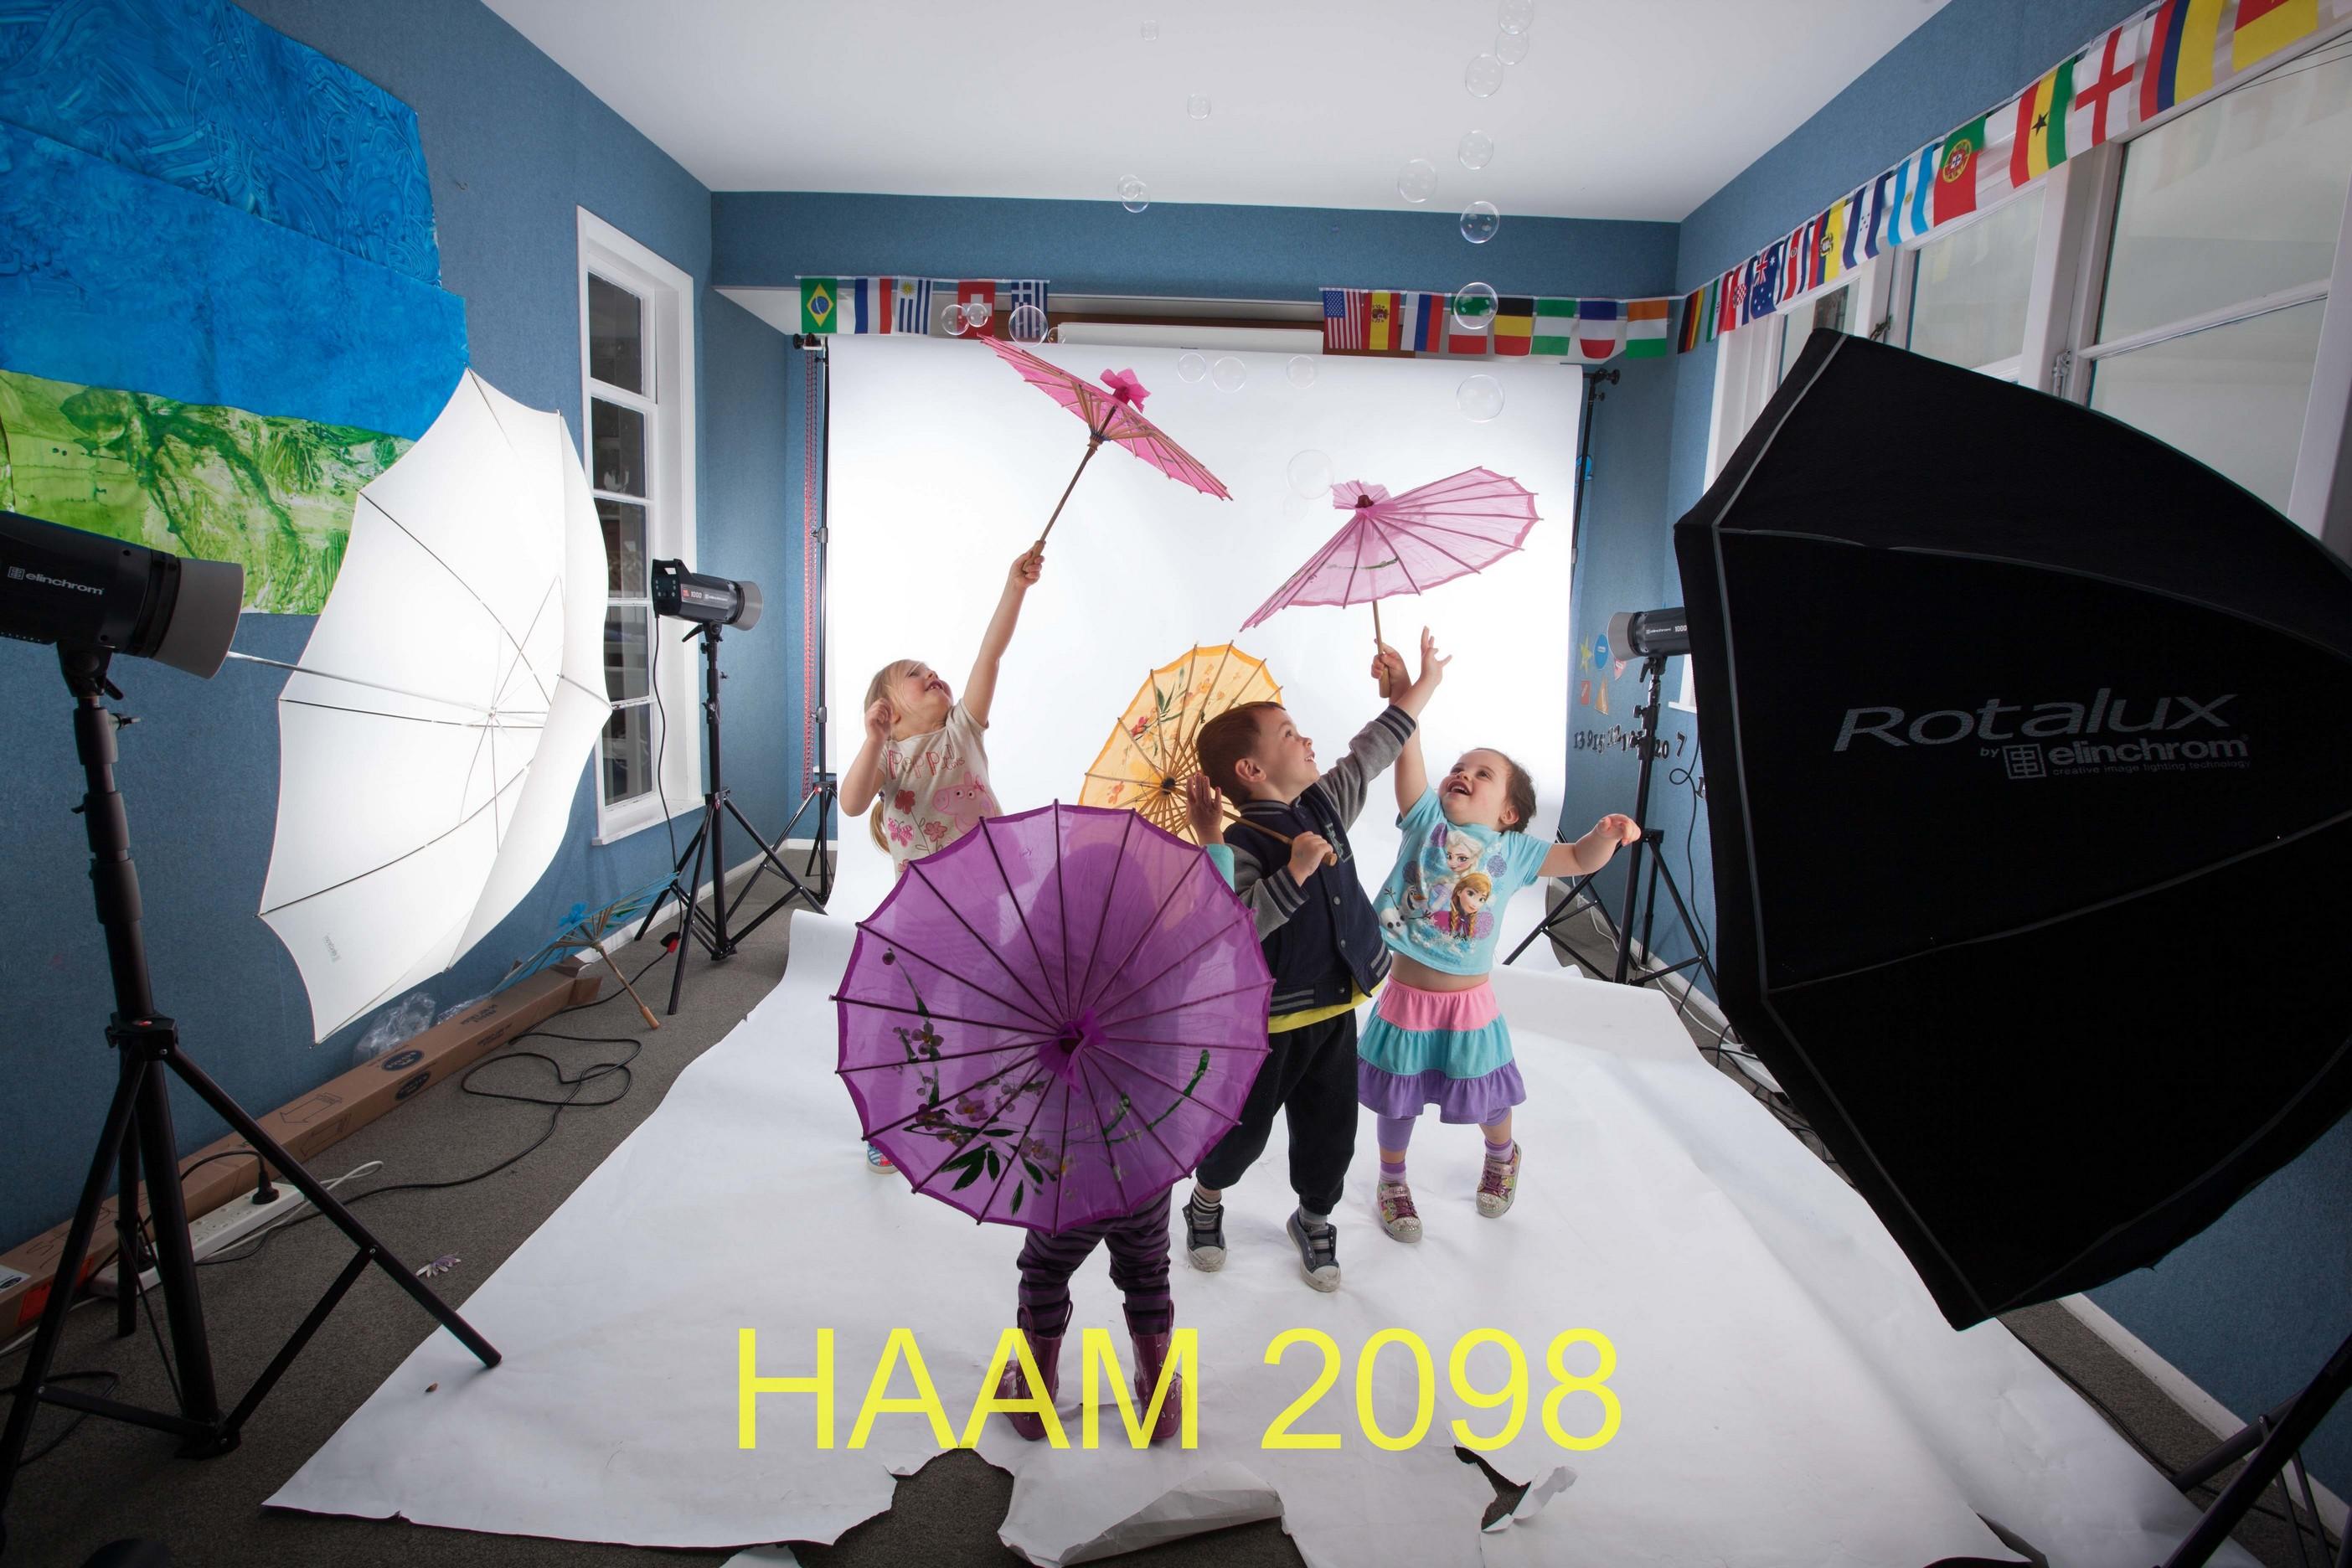 HAAM 2098